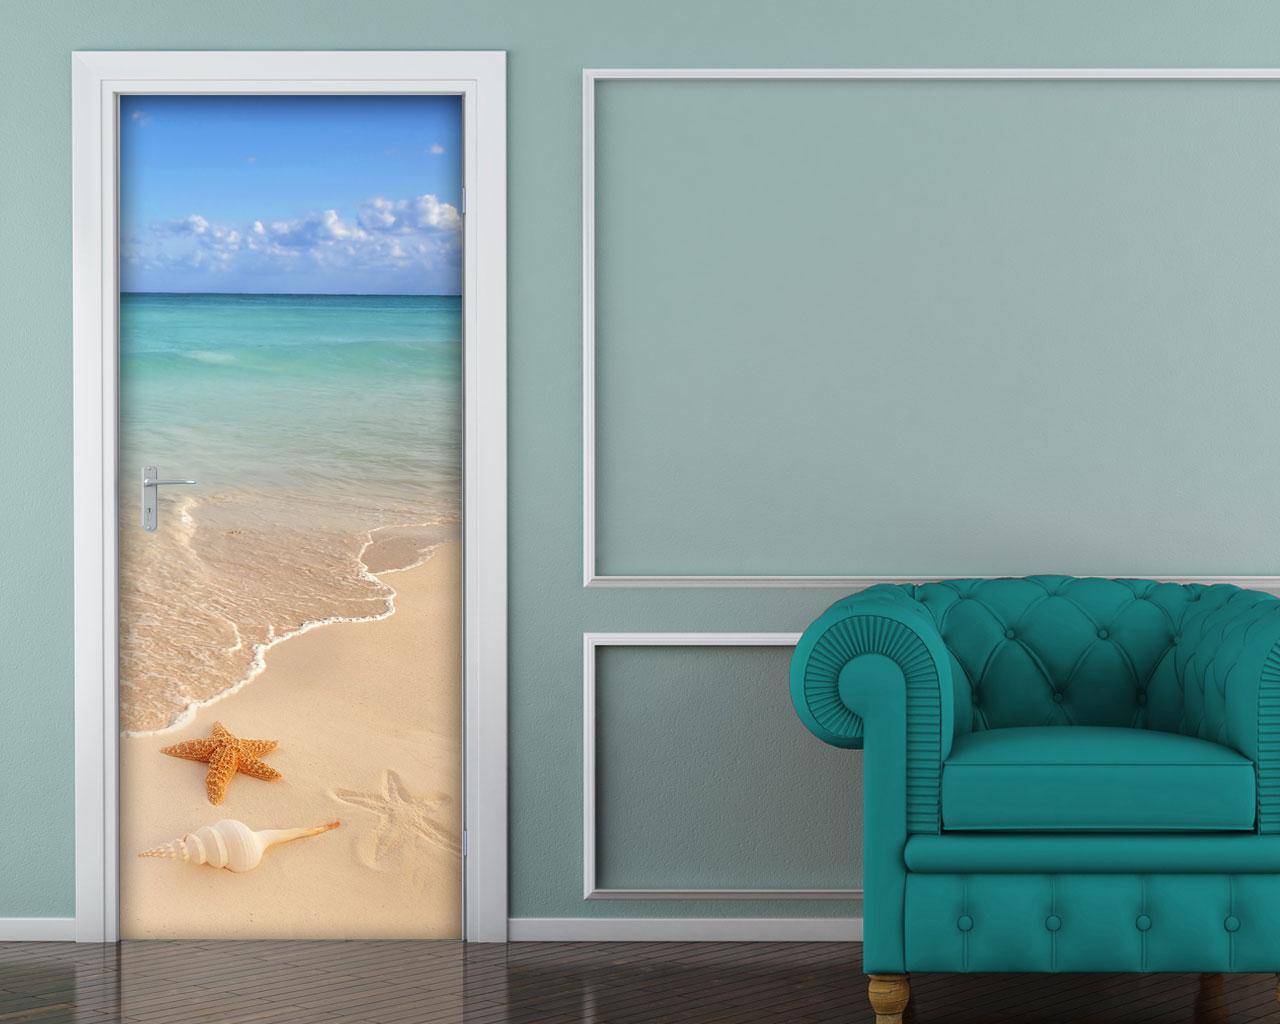 Adesivo per porta in riva al mare decorazione - Pellicole adesive per porte ...